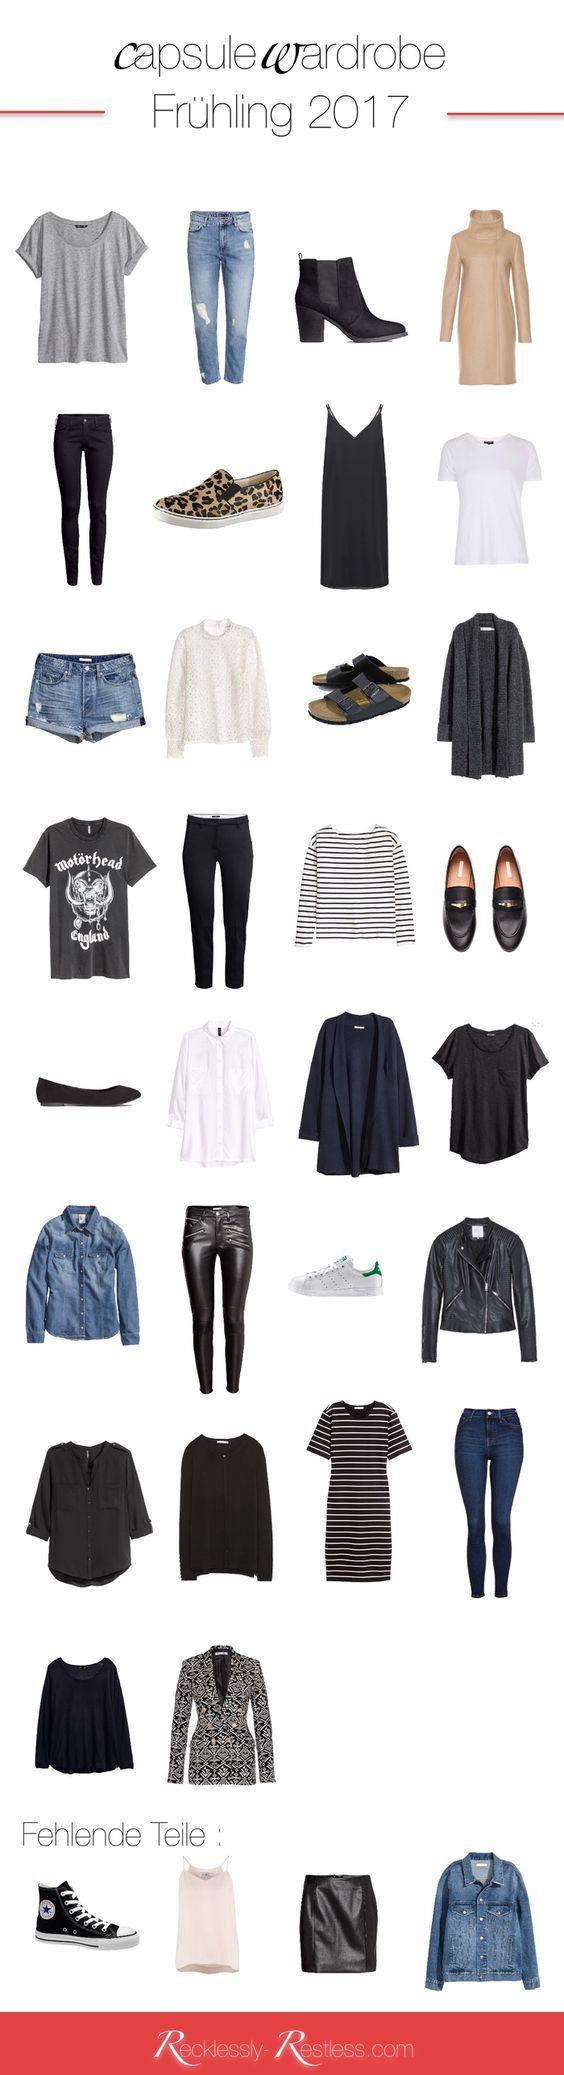 die besten 25 minimalistische garderobe ideen auf pinterest minimalistischer wandschrank. Black Bedroom Furniture Sets. Home Design Ideas